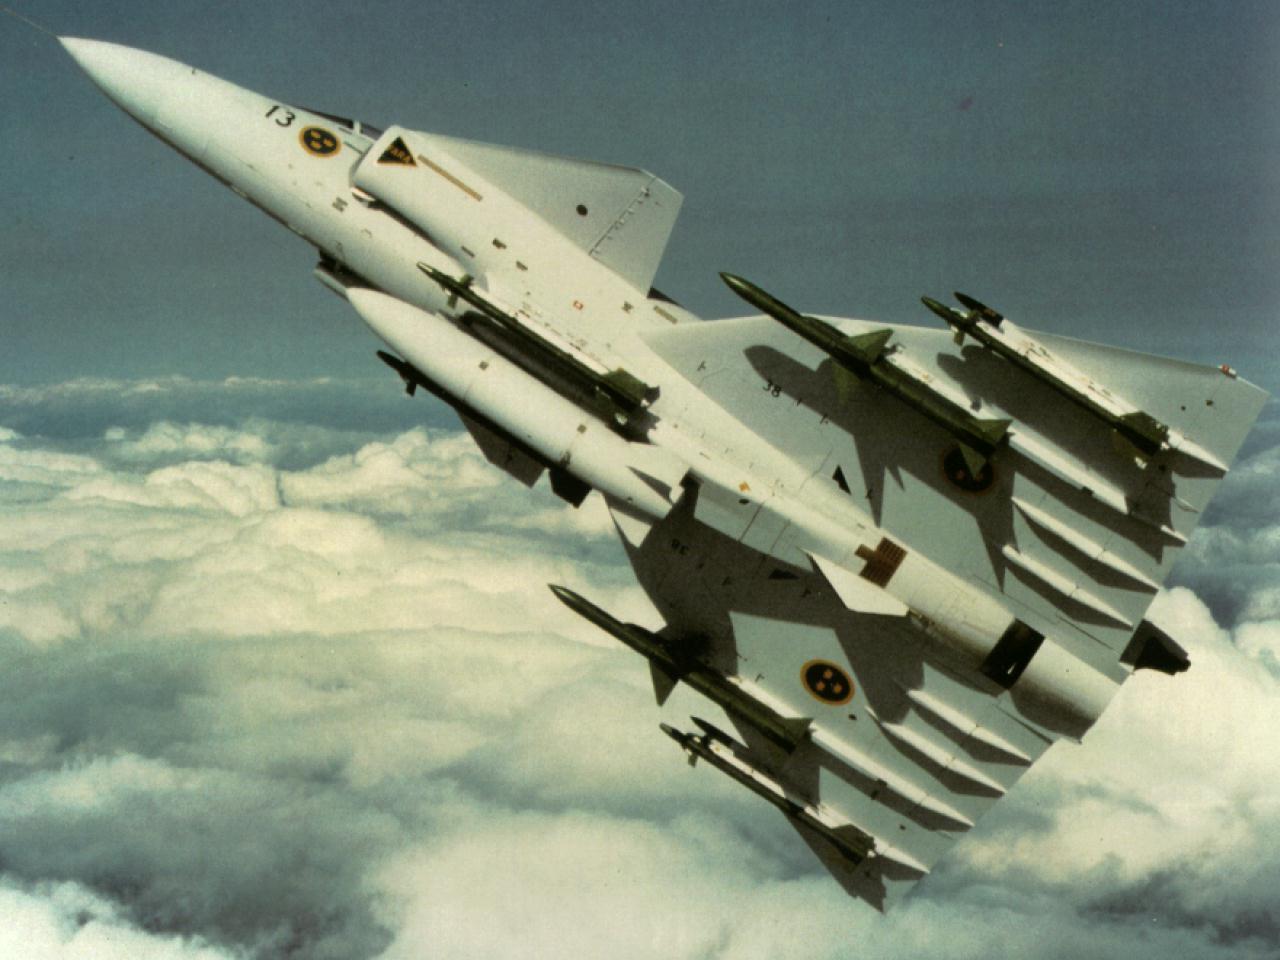 你说的这些都是多用途,或者为了载弹多的设计,看看j10和j20的鸭翼